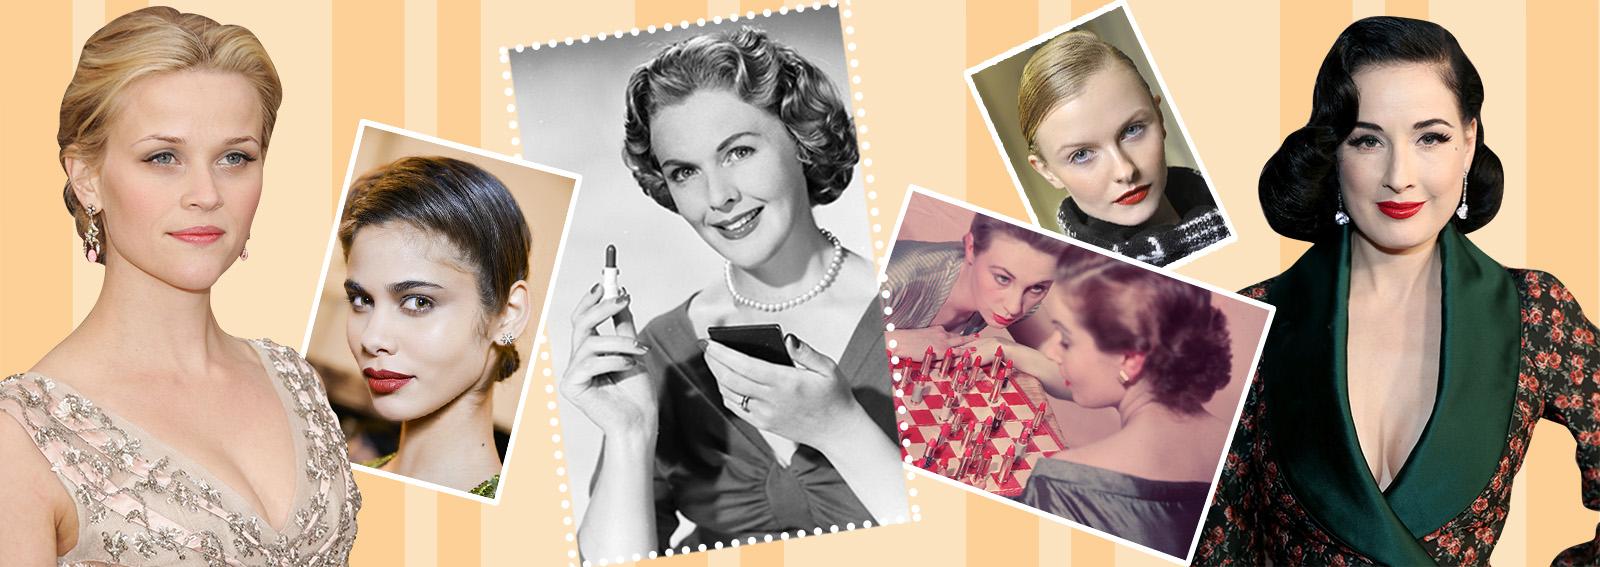 trucco anni 50 collage_desktop